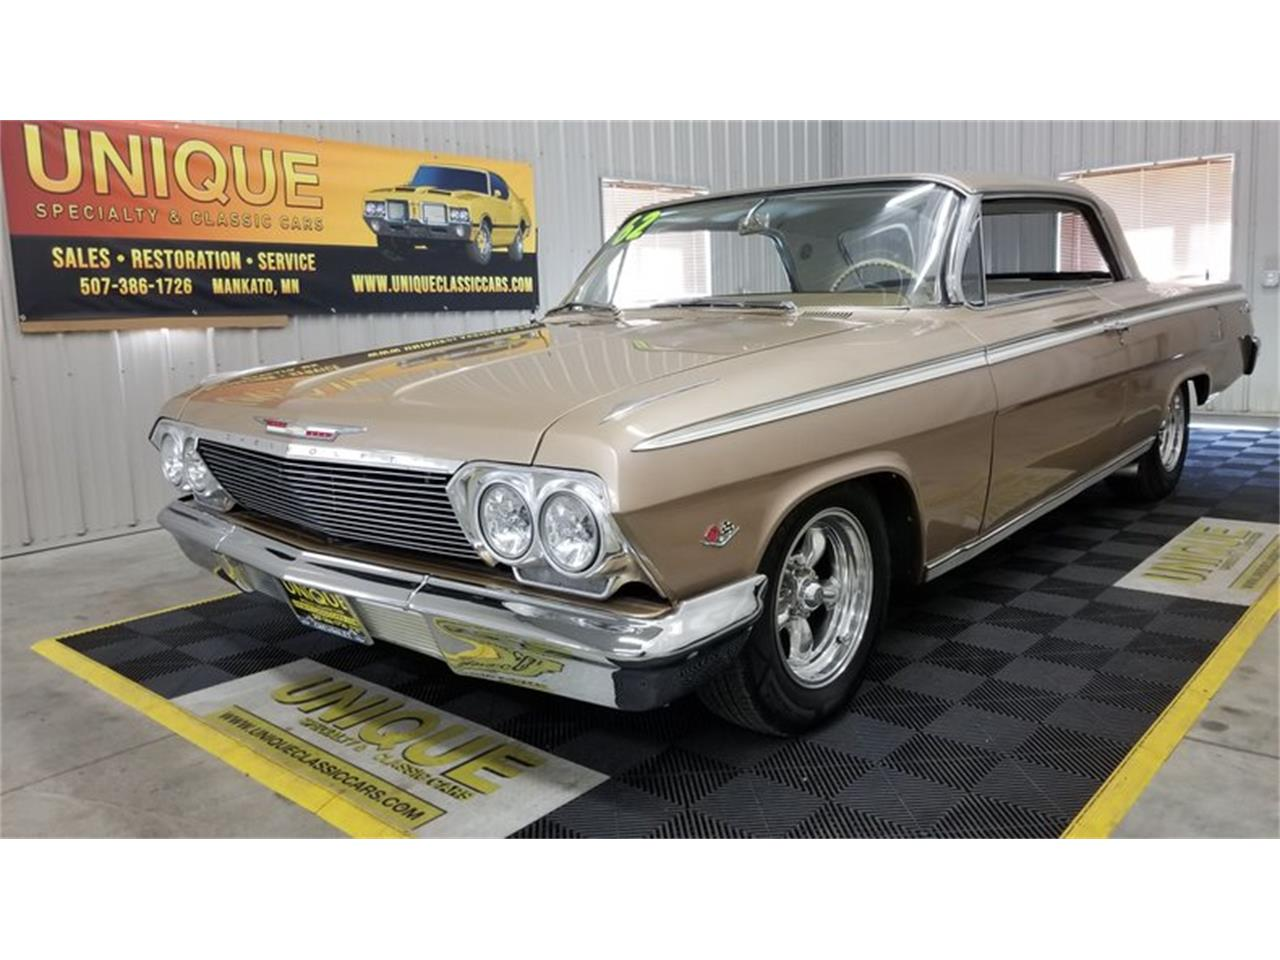 1962 Chevrolet Impala (CC-1239866) for sale in Mankato, Minnesota